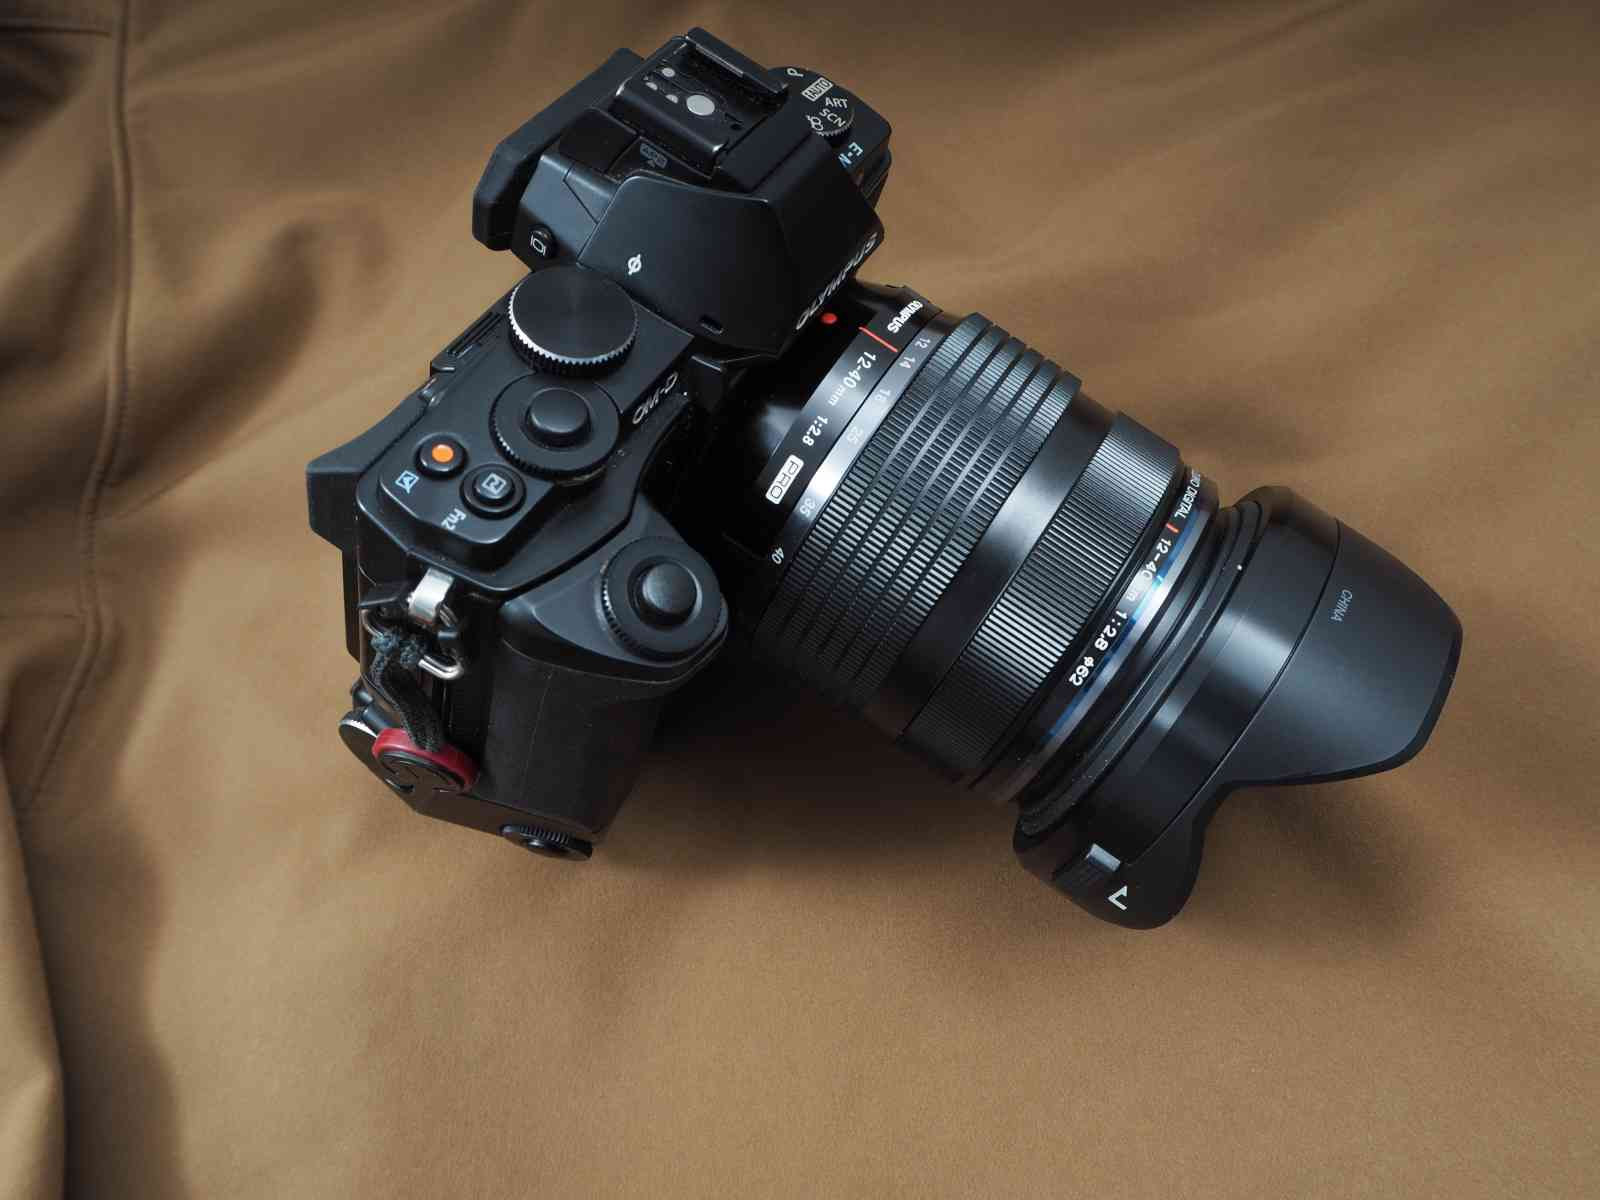 Olympus M.Zuiko Digital ED 12-40 mm 1:2,8 an der Olympus OM-D E-M5